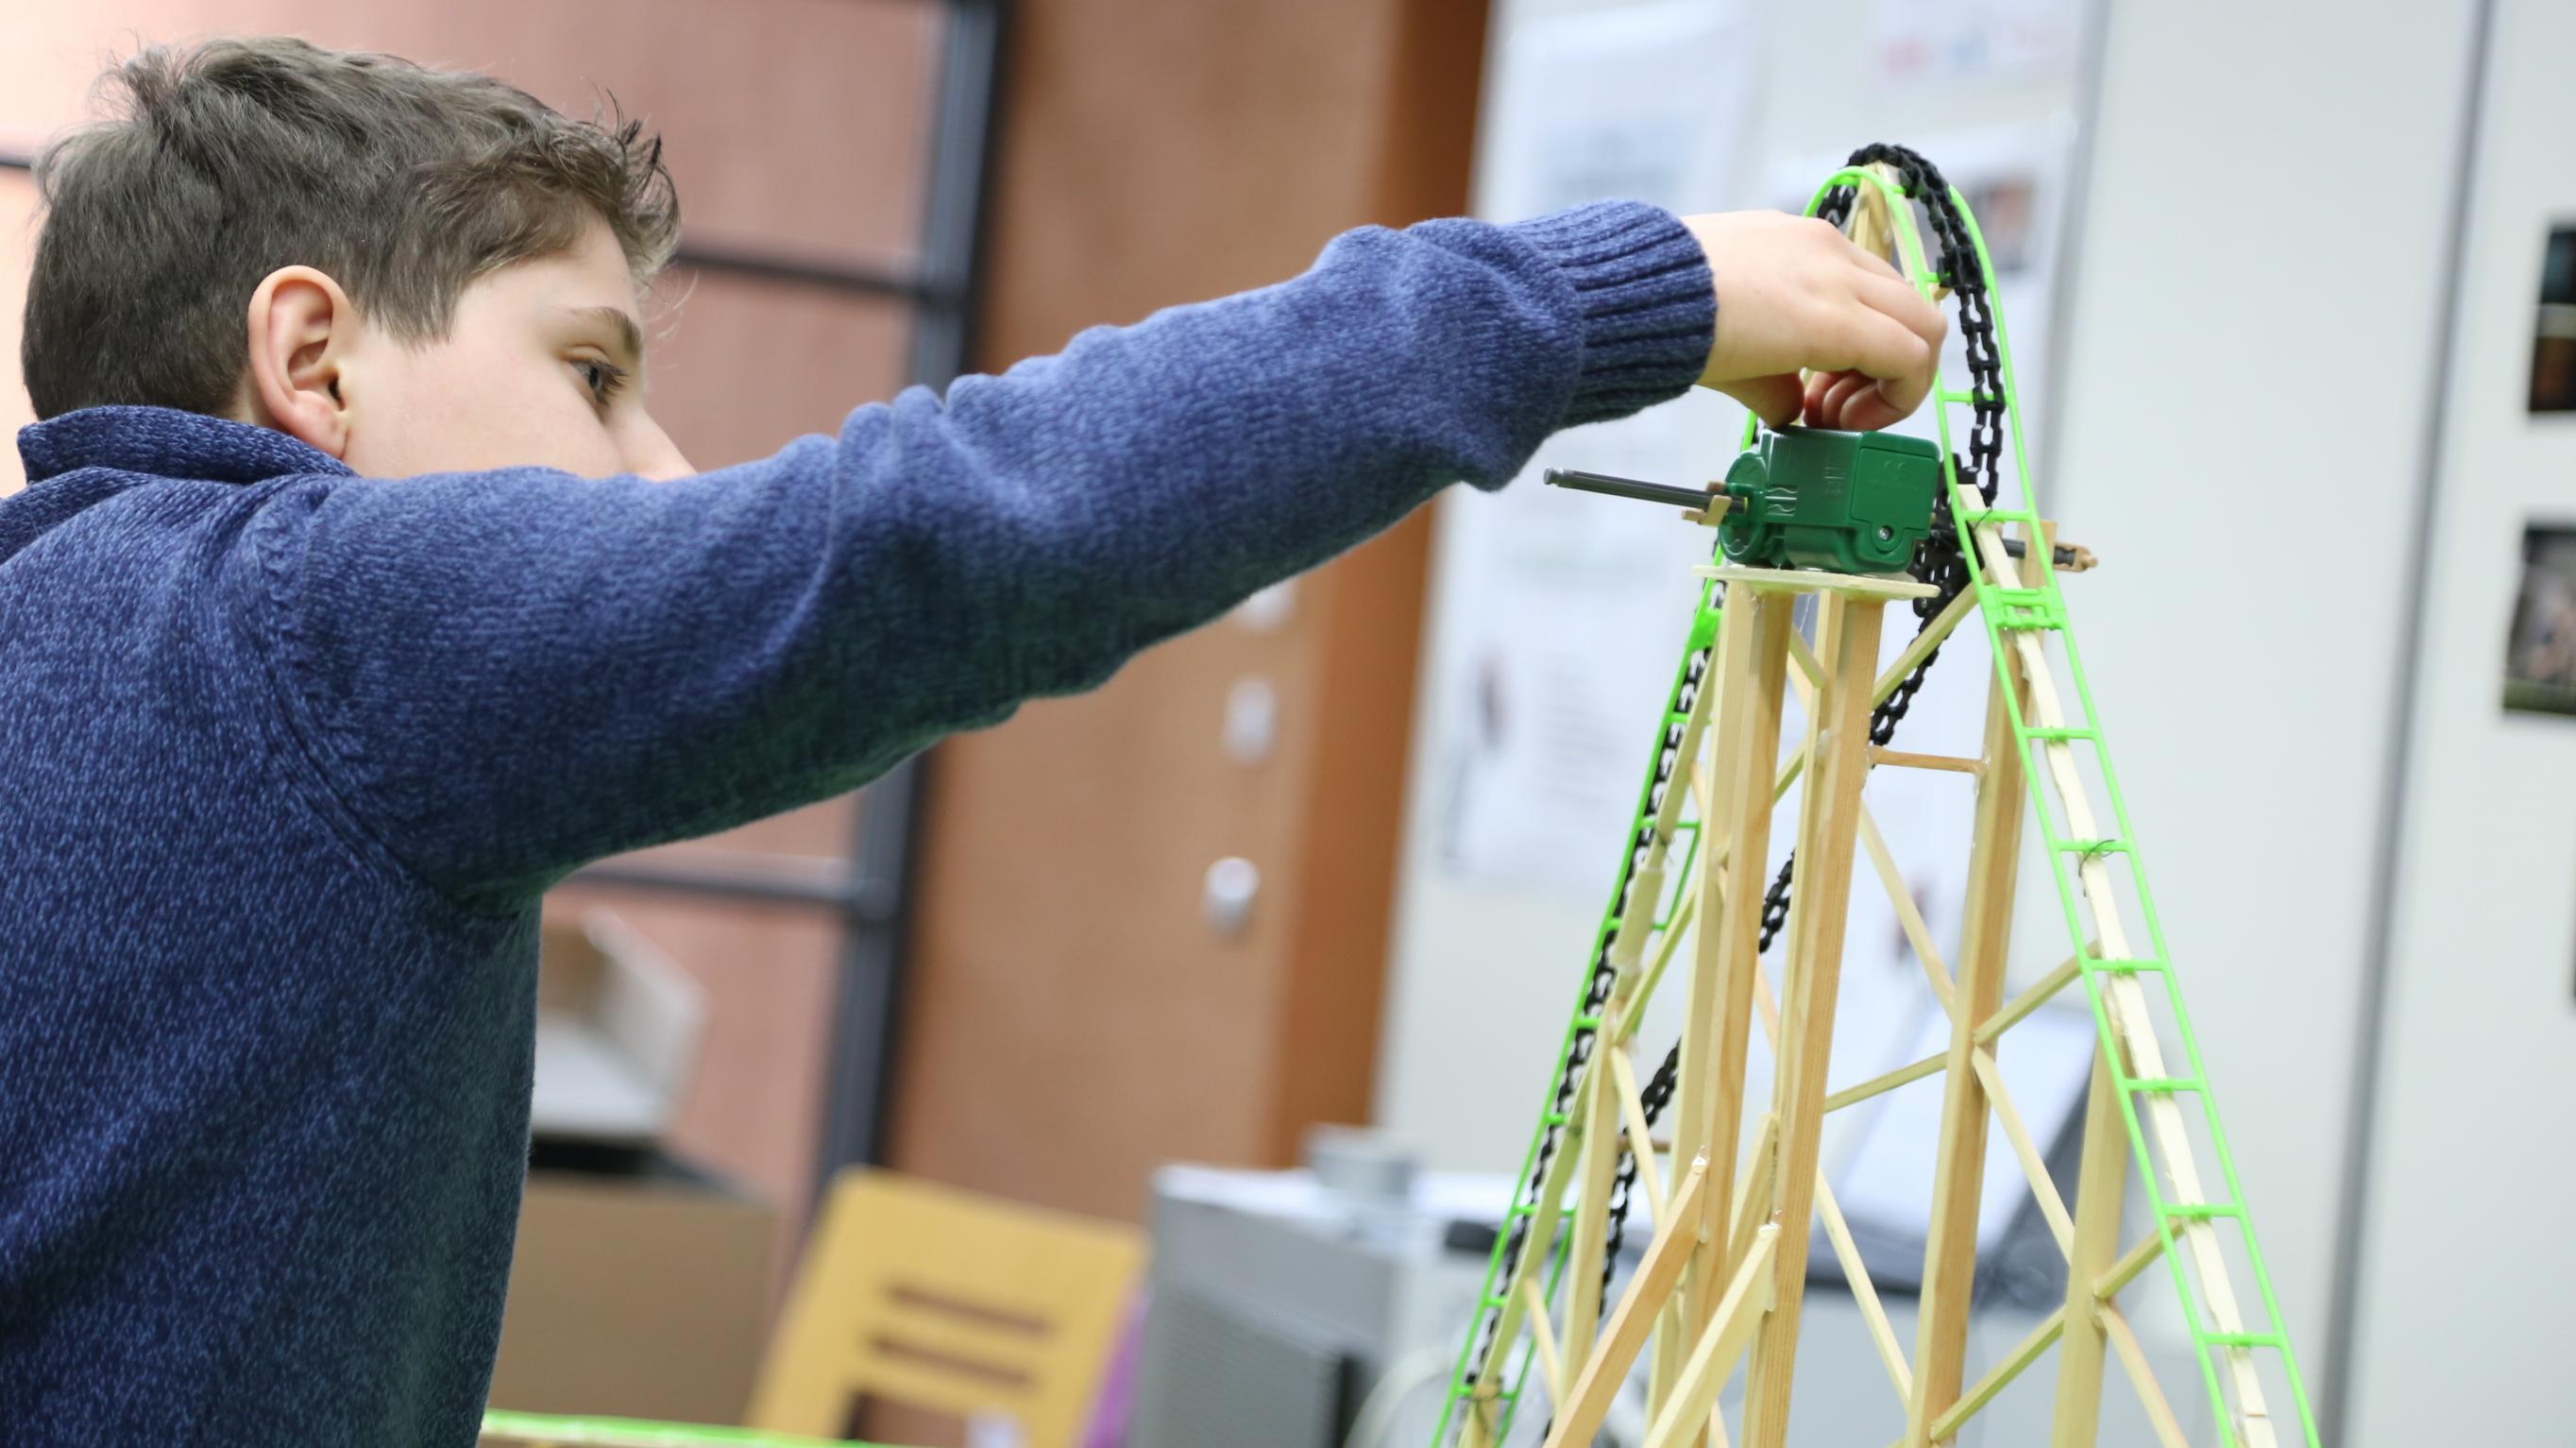 """Beim Wettbewerb """"Jugend forscht"""" in Hof experimentiert ein Junge an einer kleinen Achterbahn."""